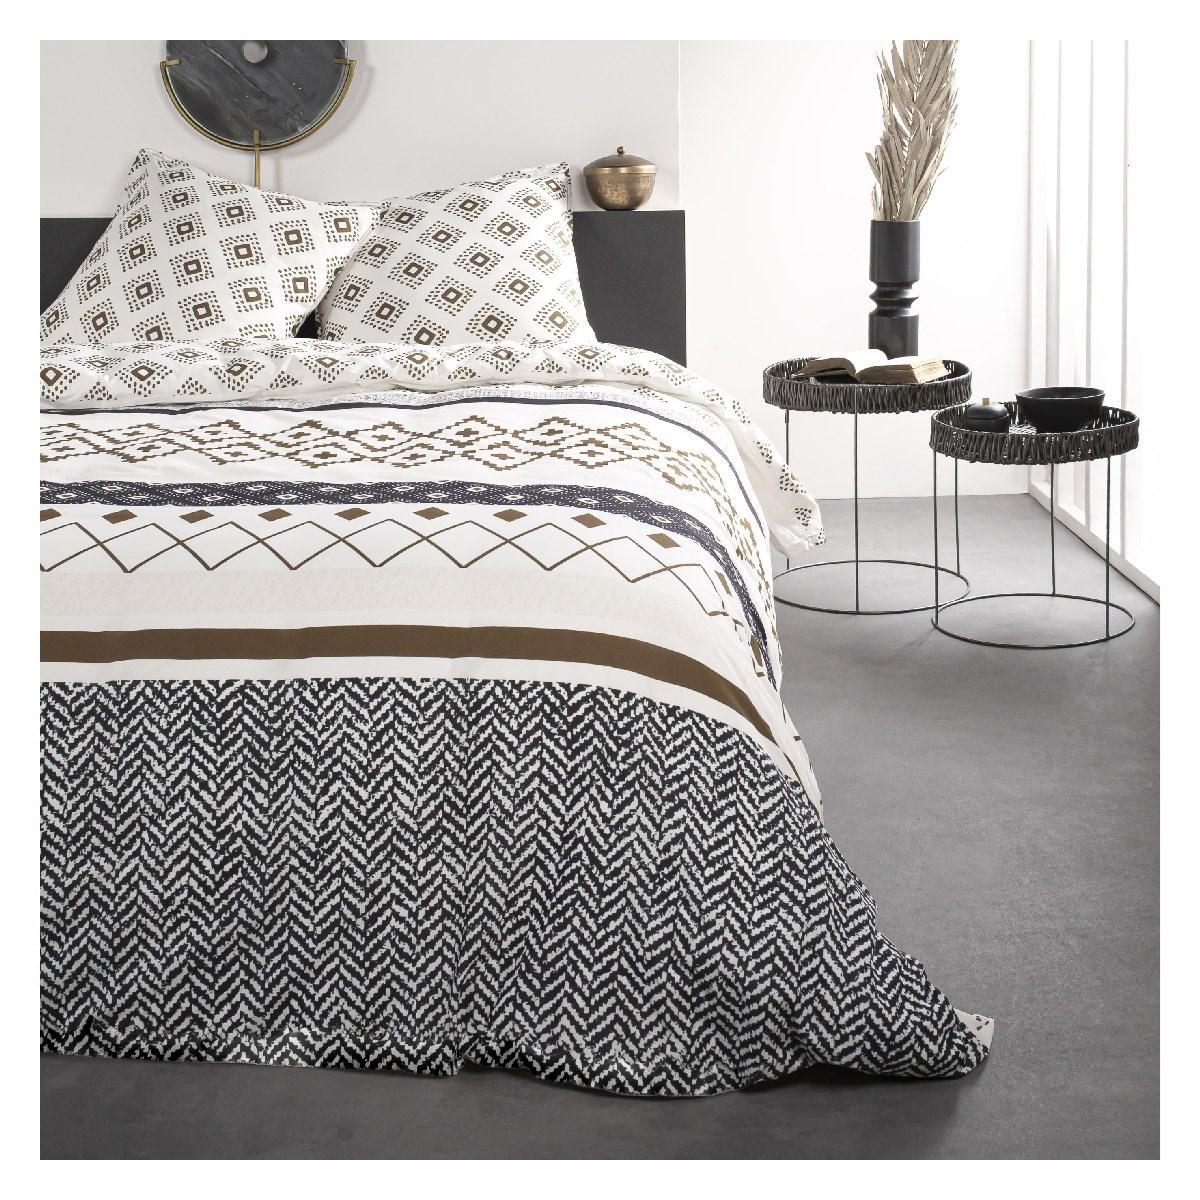 Parure de lit 2 personnes imprimé en Coton Blanc 240x260 cm